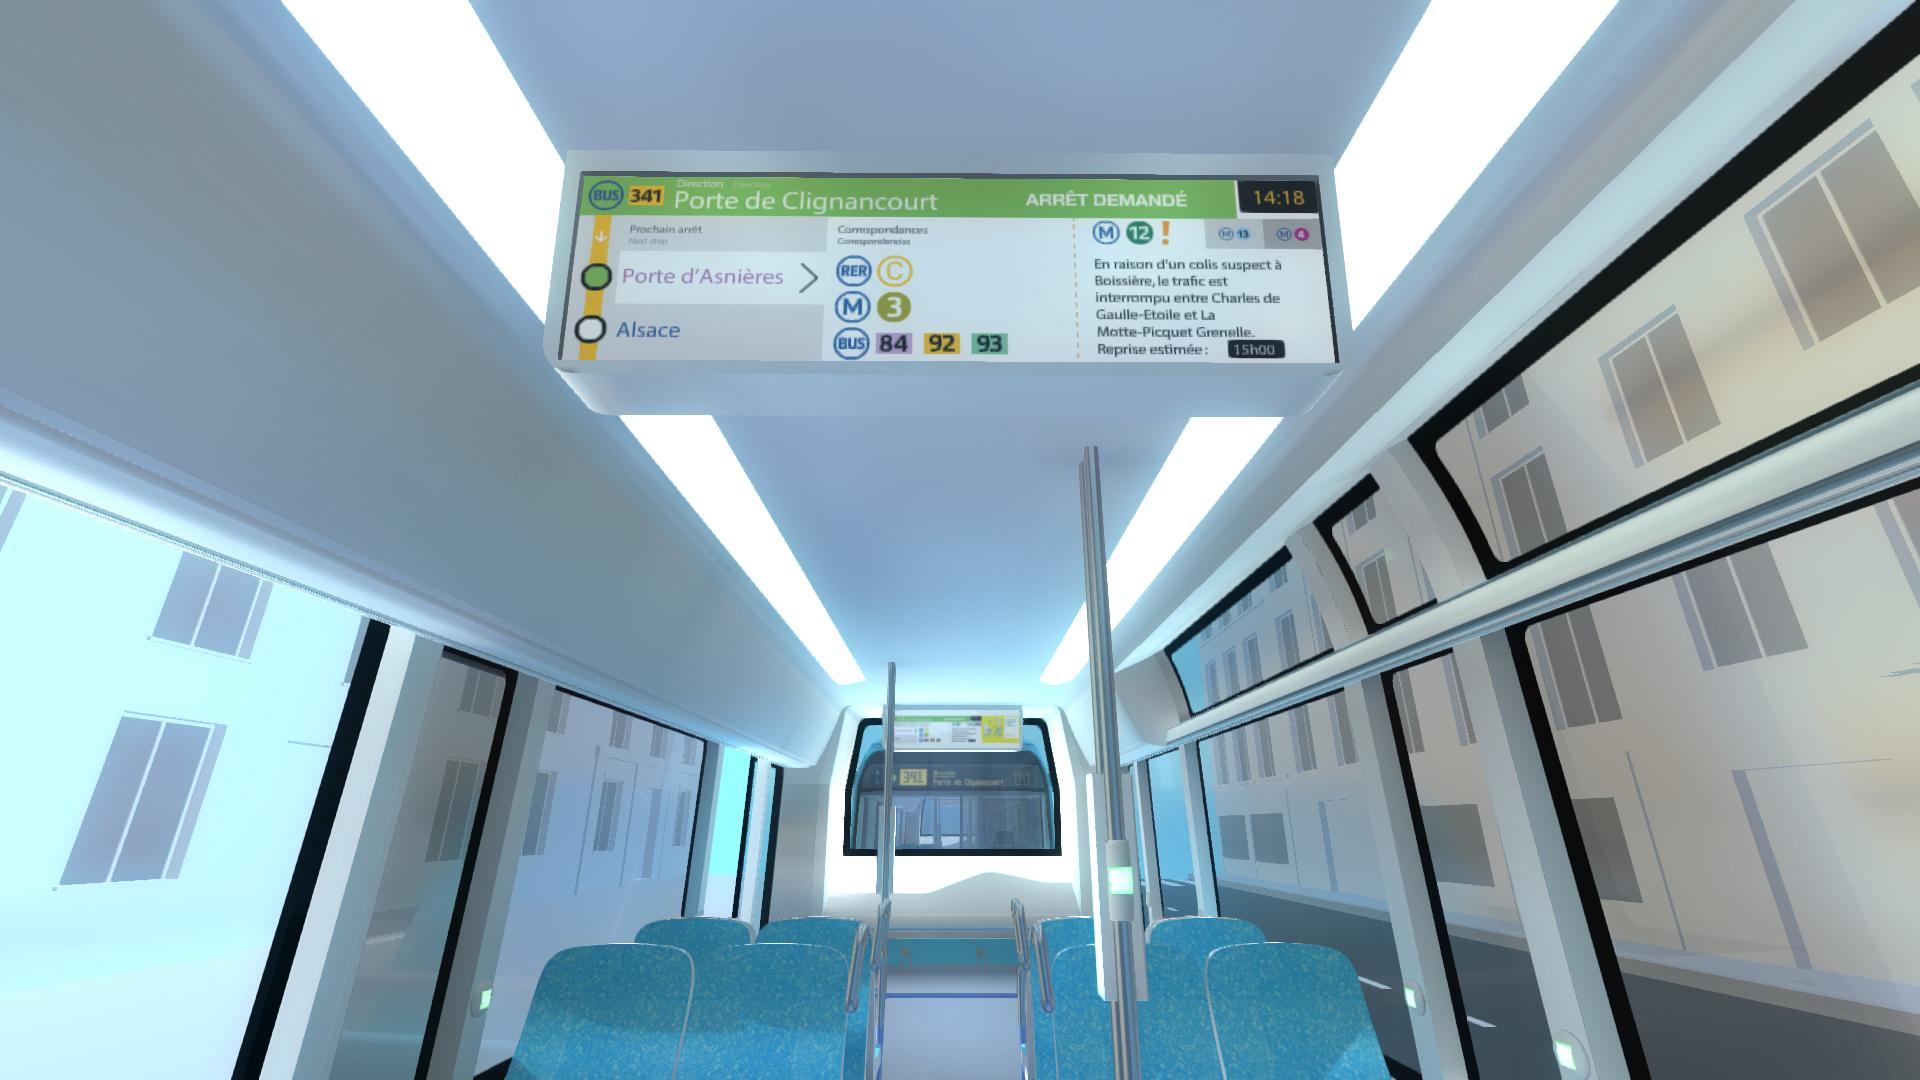 visite virtuelle en 3D du bus RATP ( Signalétique)